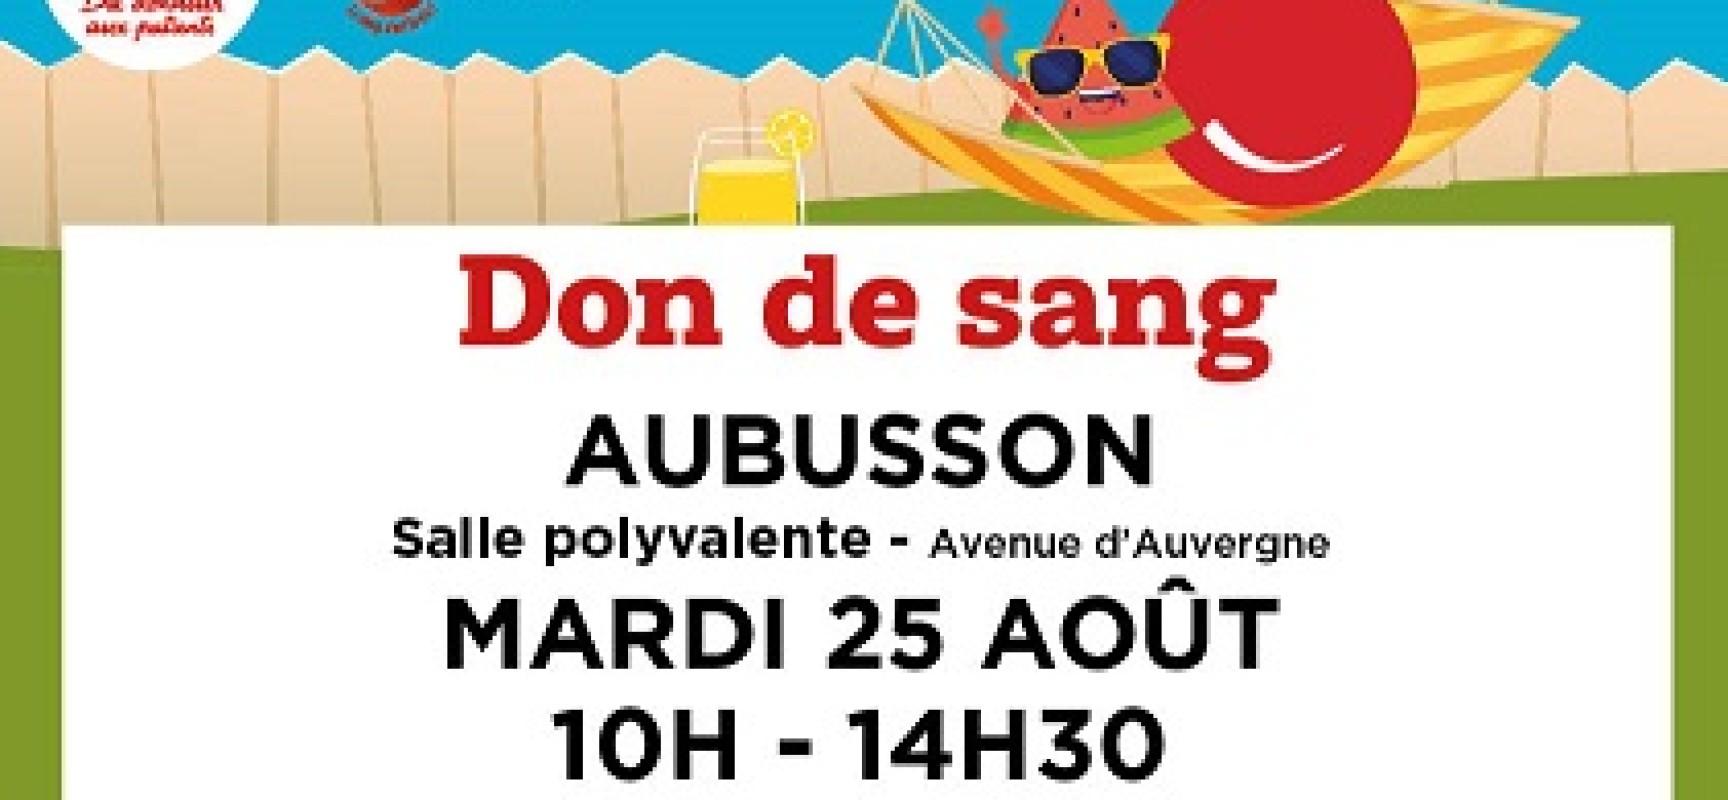 Mobilisez-vous pour le #DonDeSang ! #Aubusson